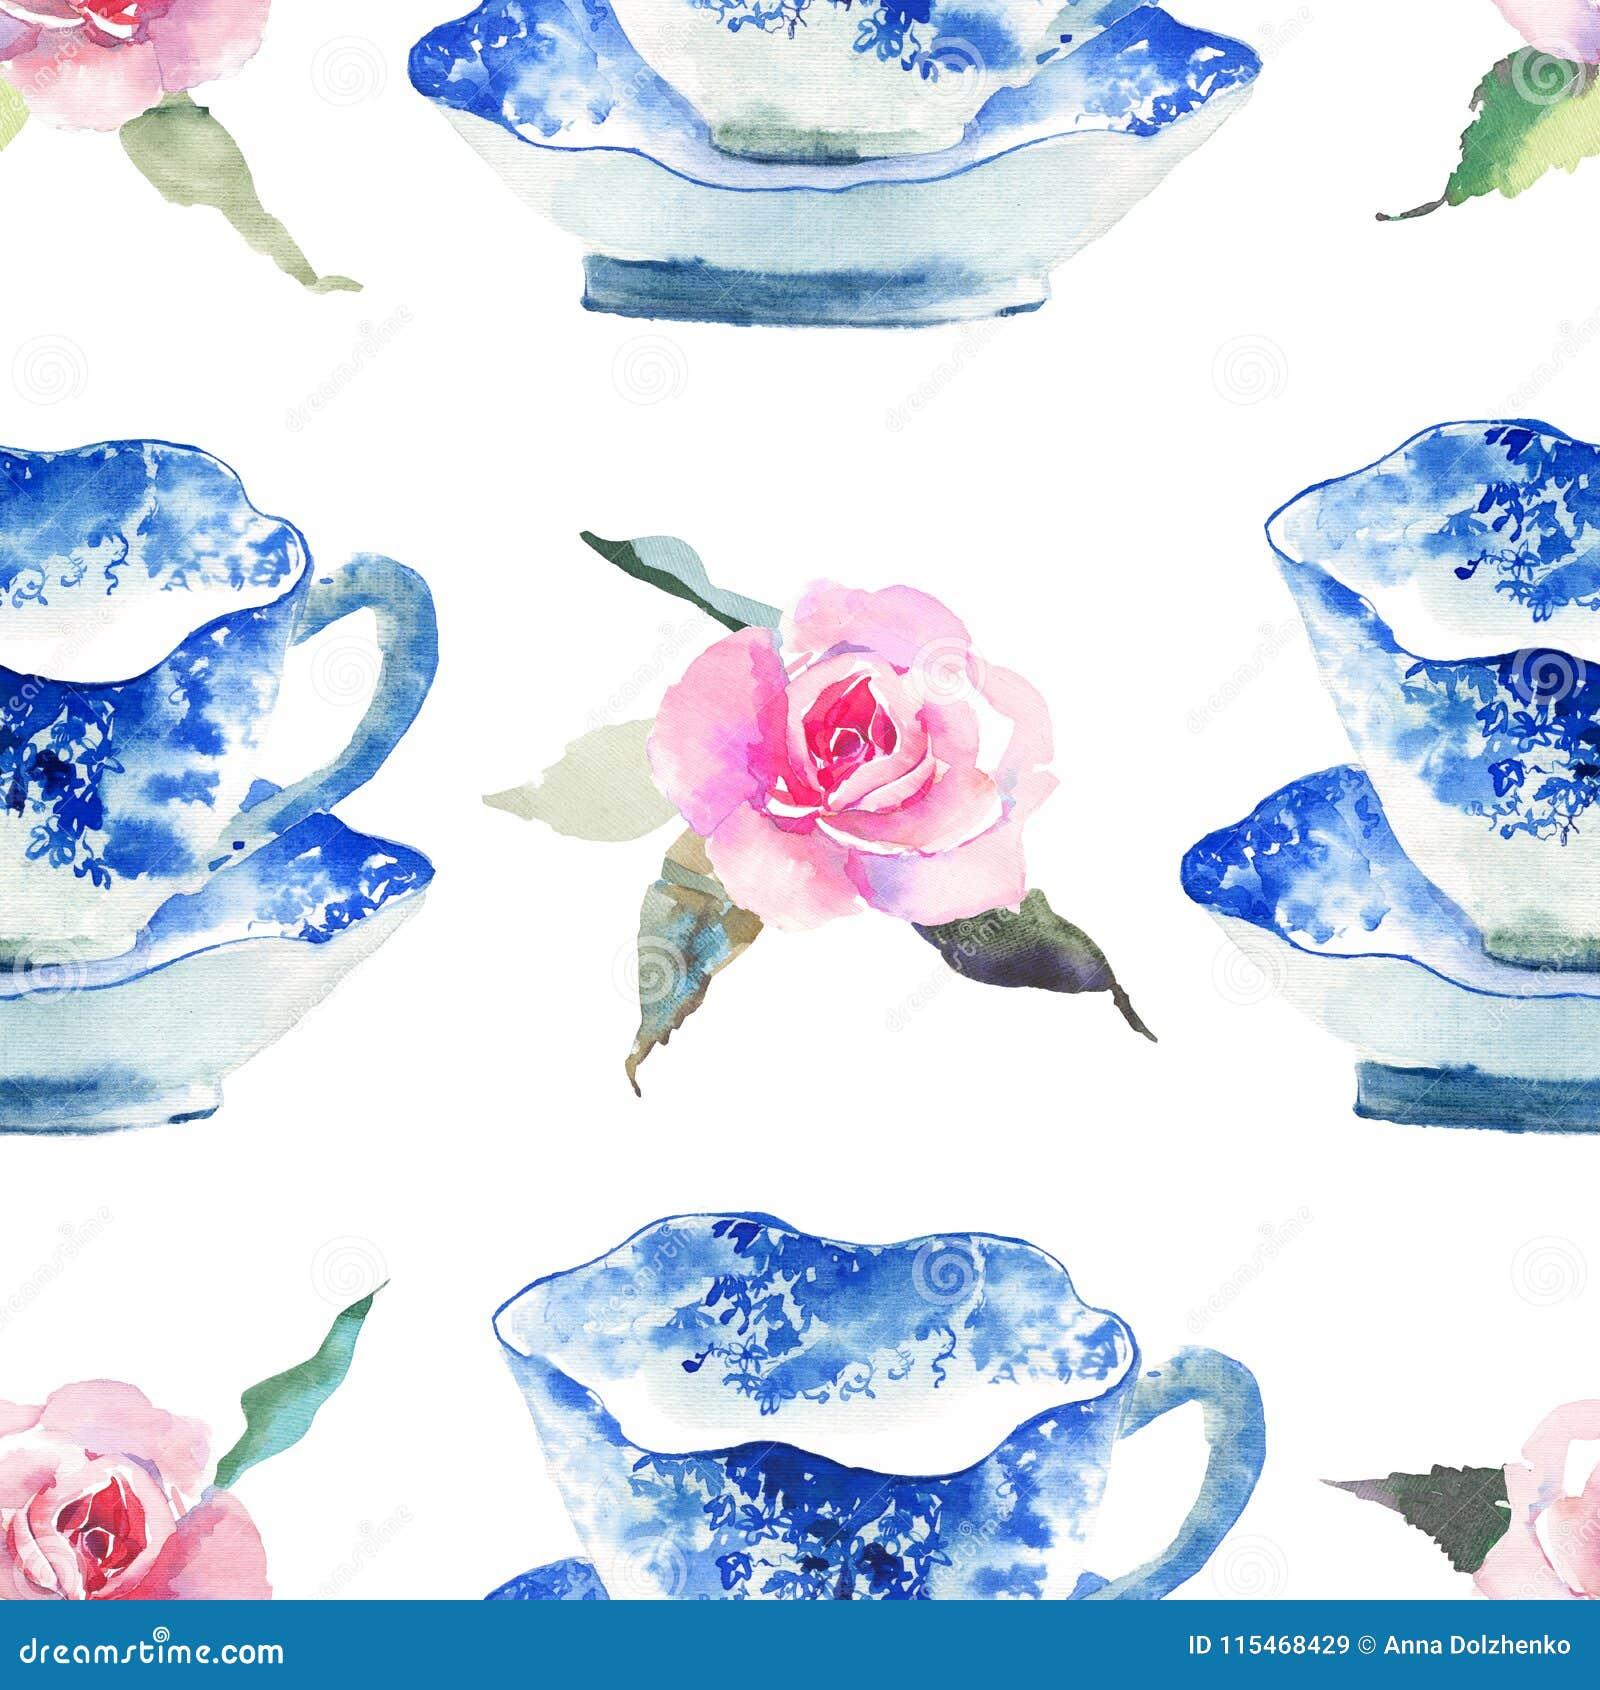 Os copos de chá azuis maravilhosos macios artísticos bonitos gráficos bonitos bonitos da porcelana da porcelana com teste padrão